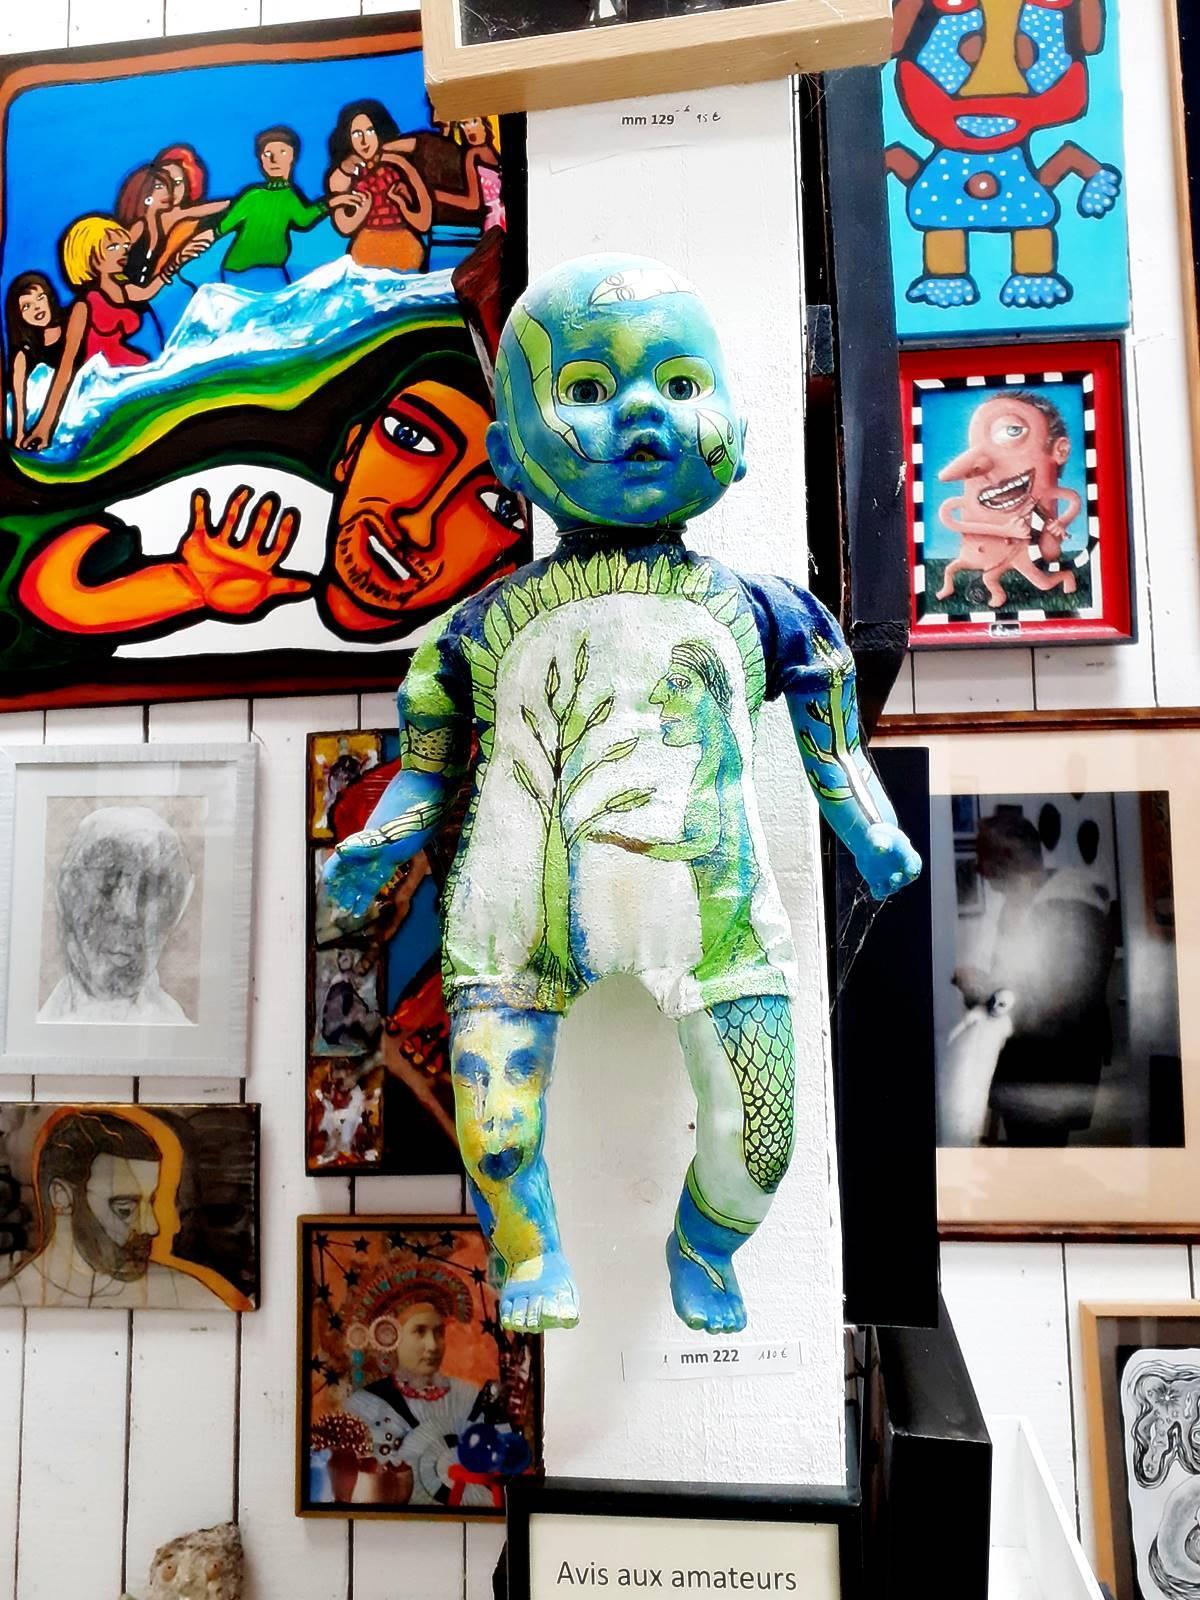 Hang art saffre loire atlantique musee20200613 122127